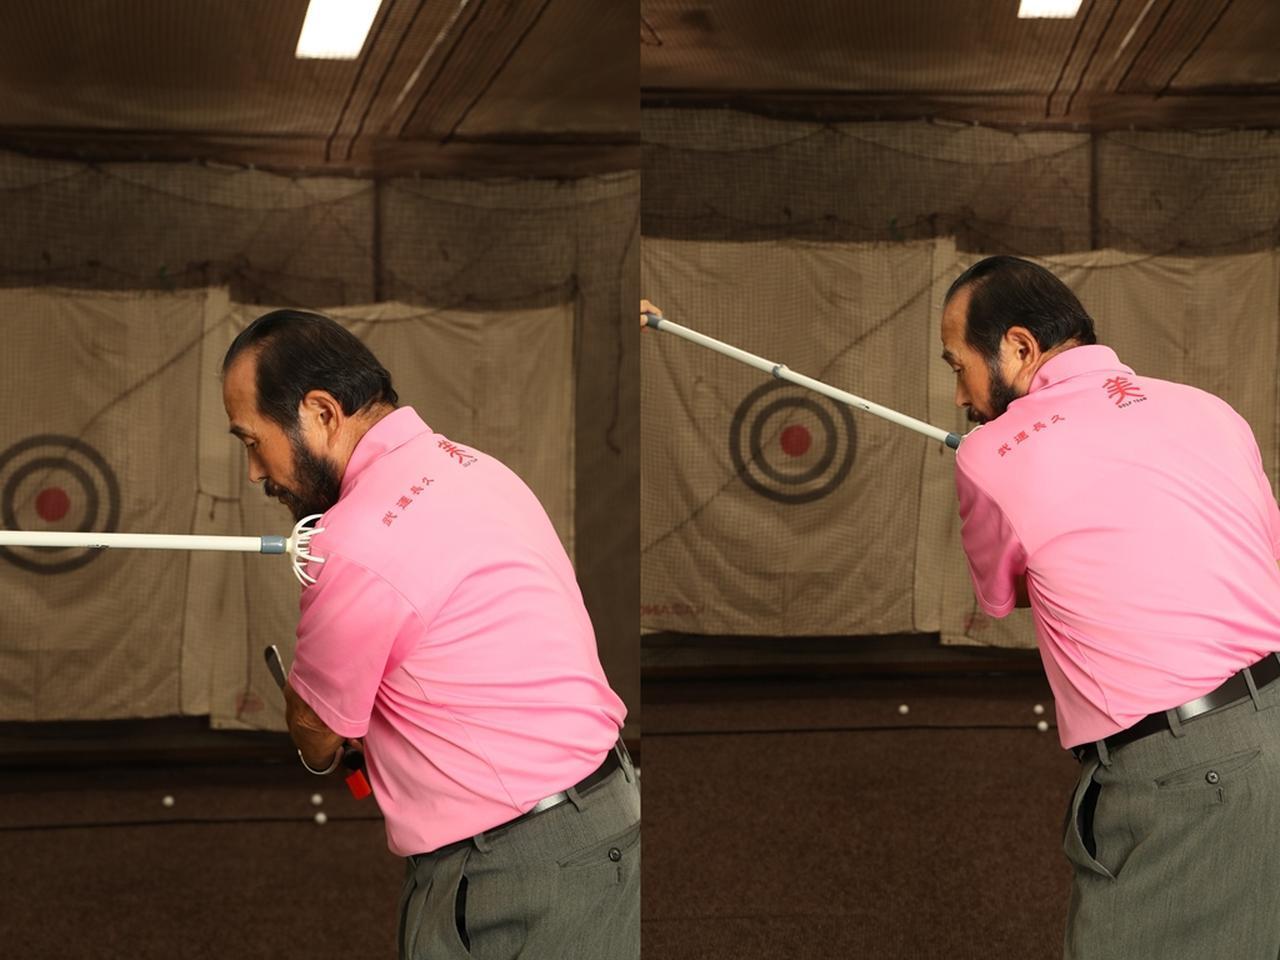 画像: 肩を横に入れるトップ(写真右)では、いつも同じところにクラブを上げられない。写真左のような状態がテークバックできていれば、肩を回せている証拠